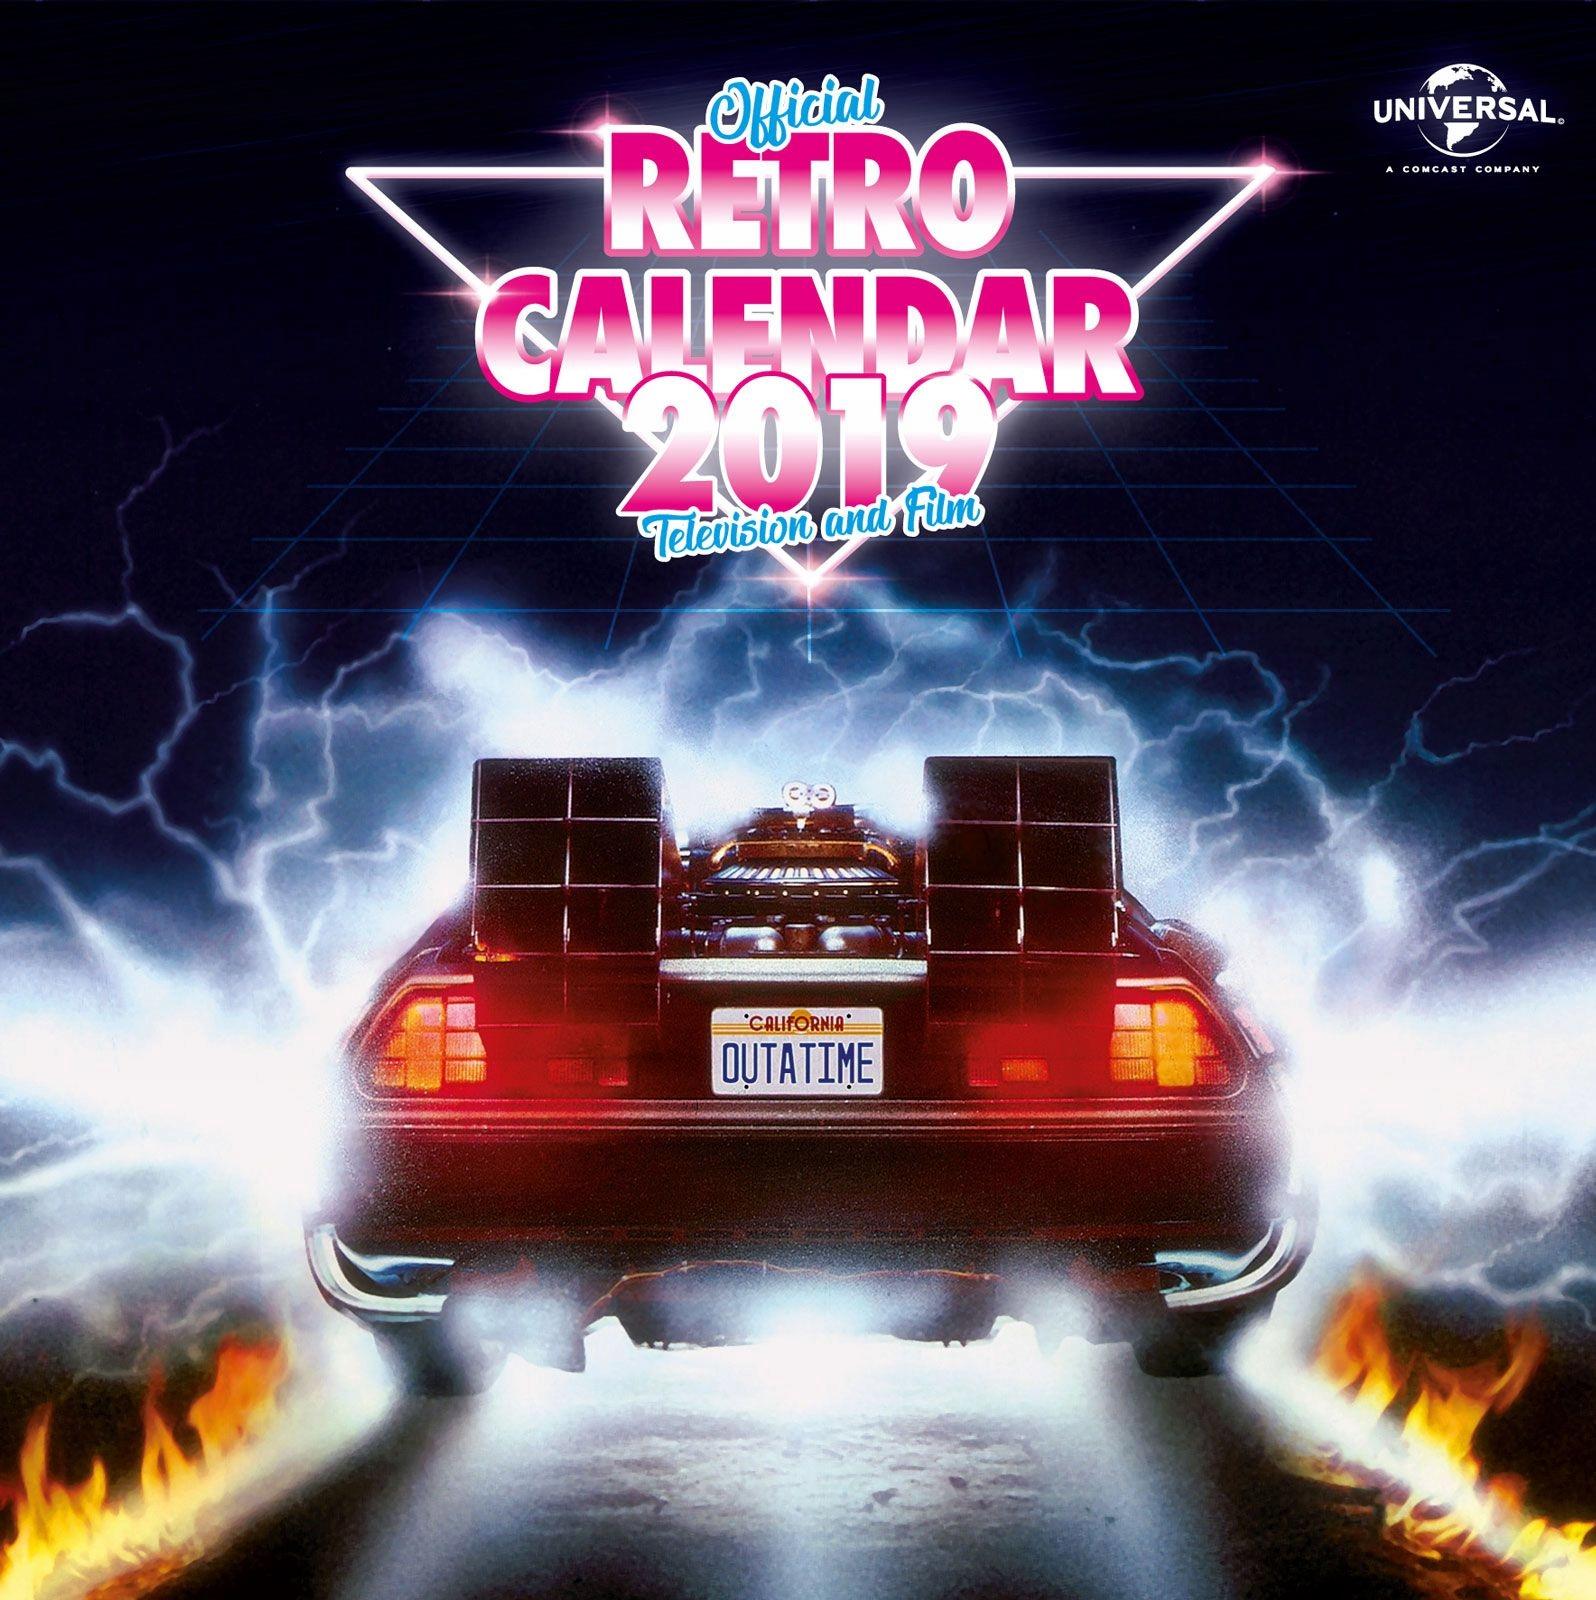 Oficiálny kalendár na rok 2019 z ikonických filmov